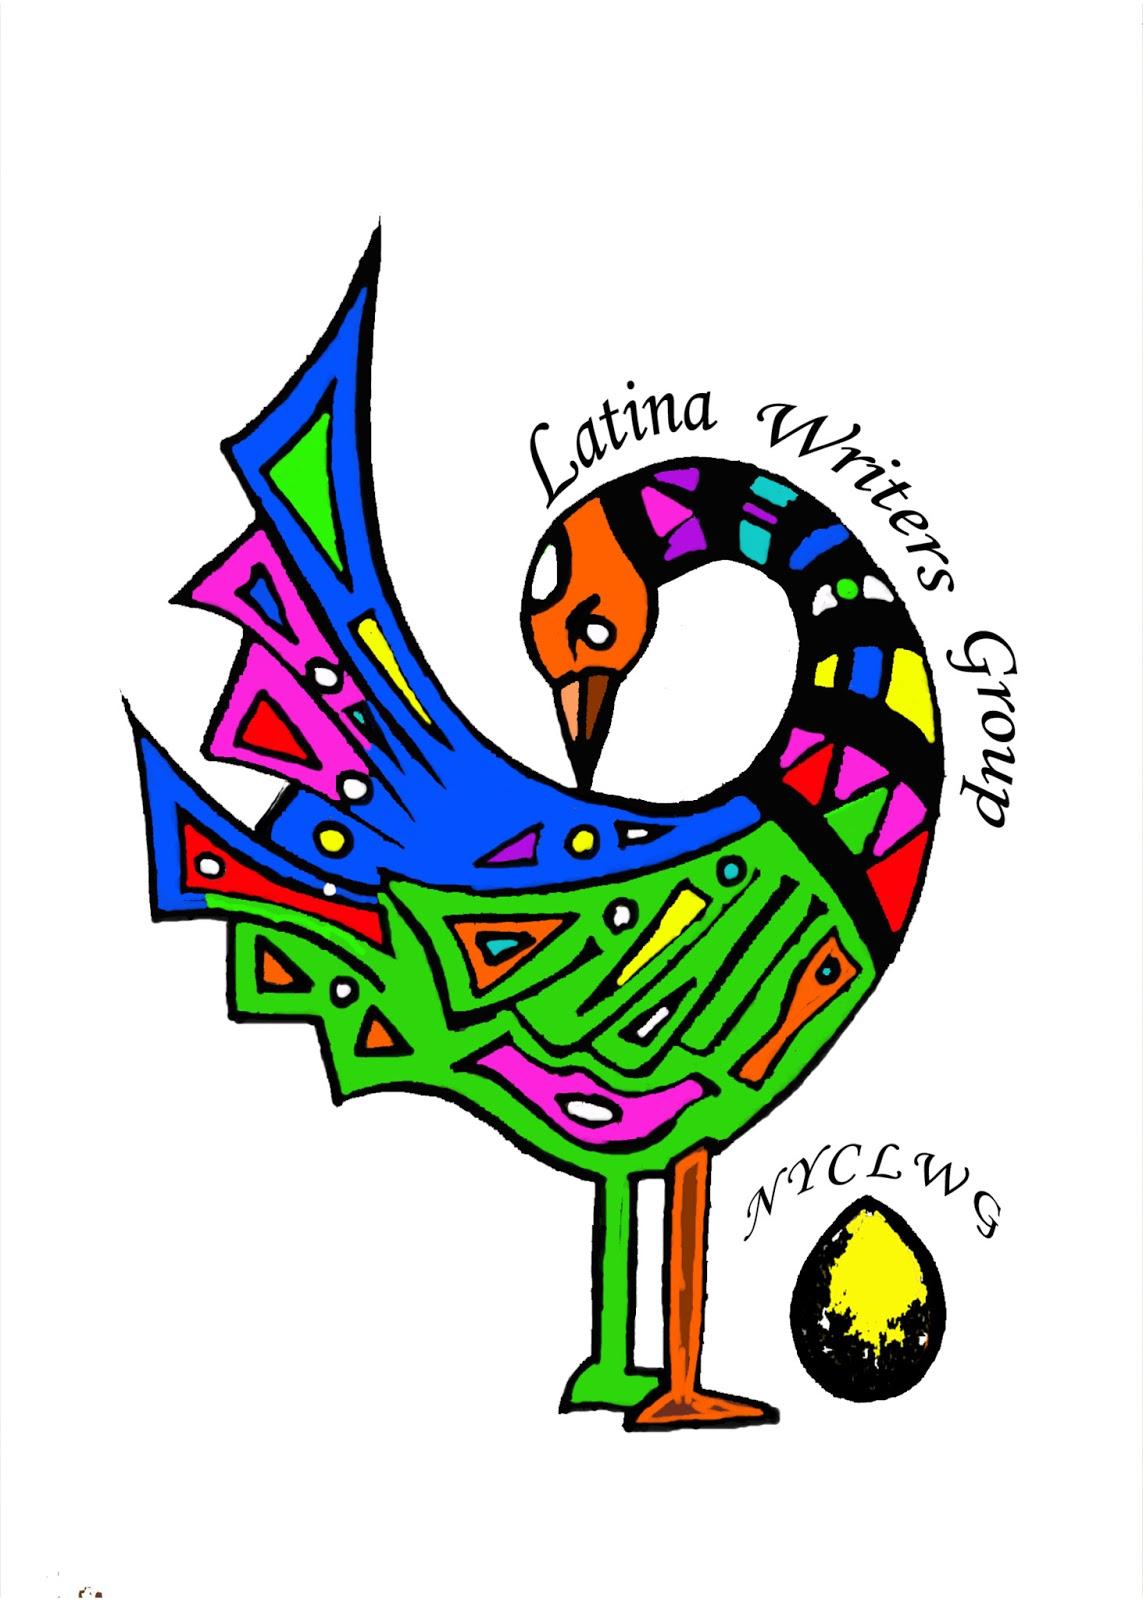 nyclwg-large (2) logo.jpg